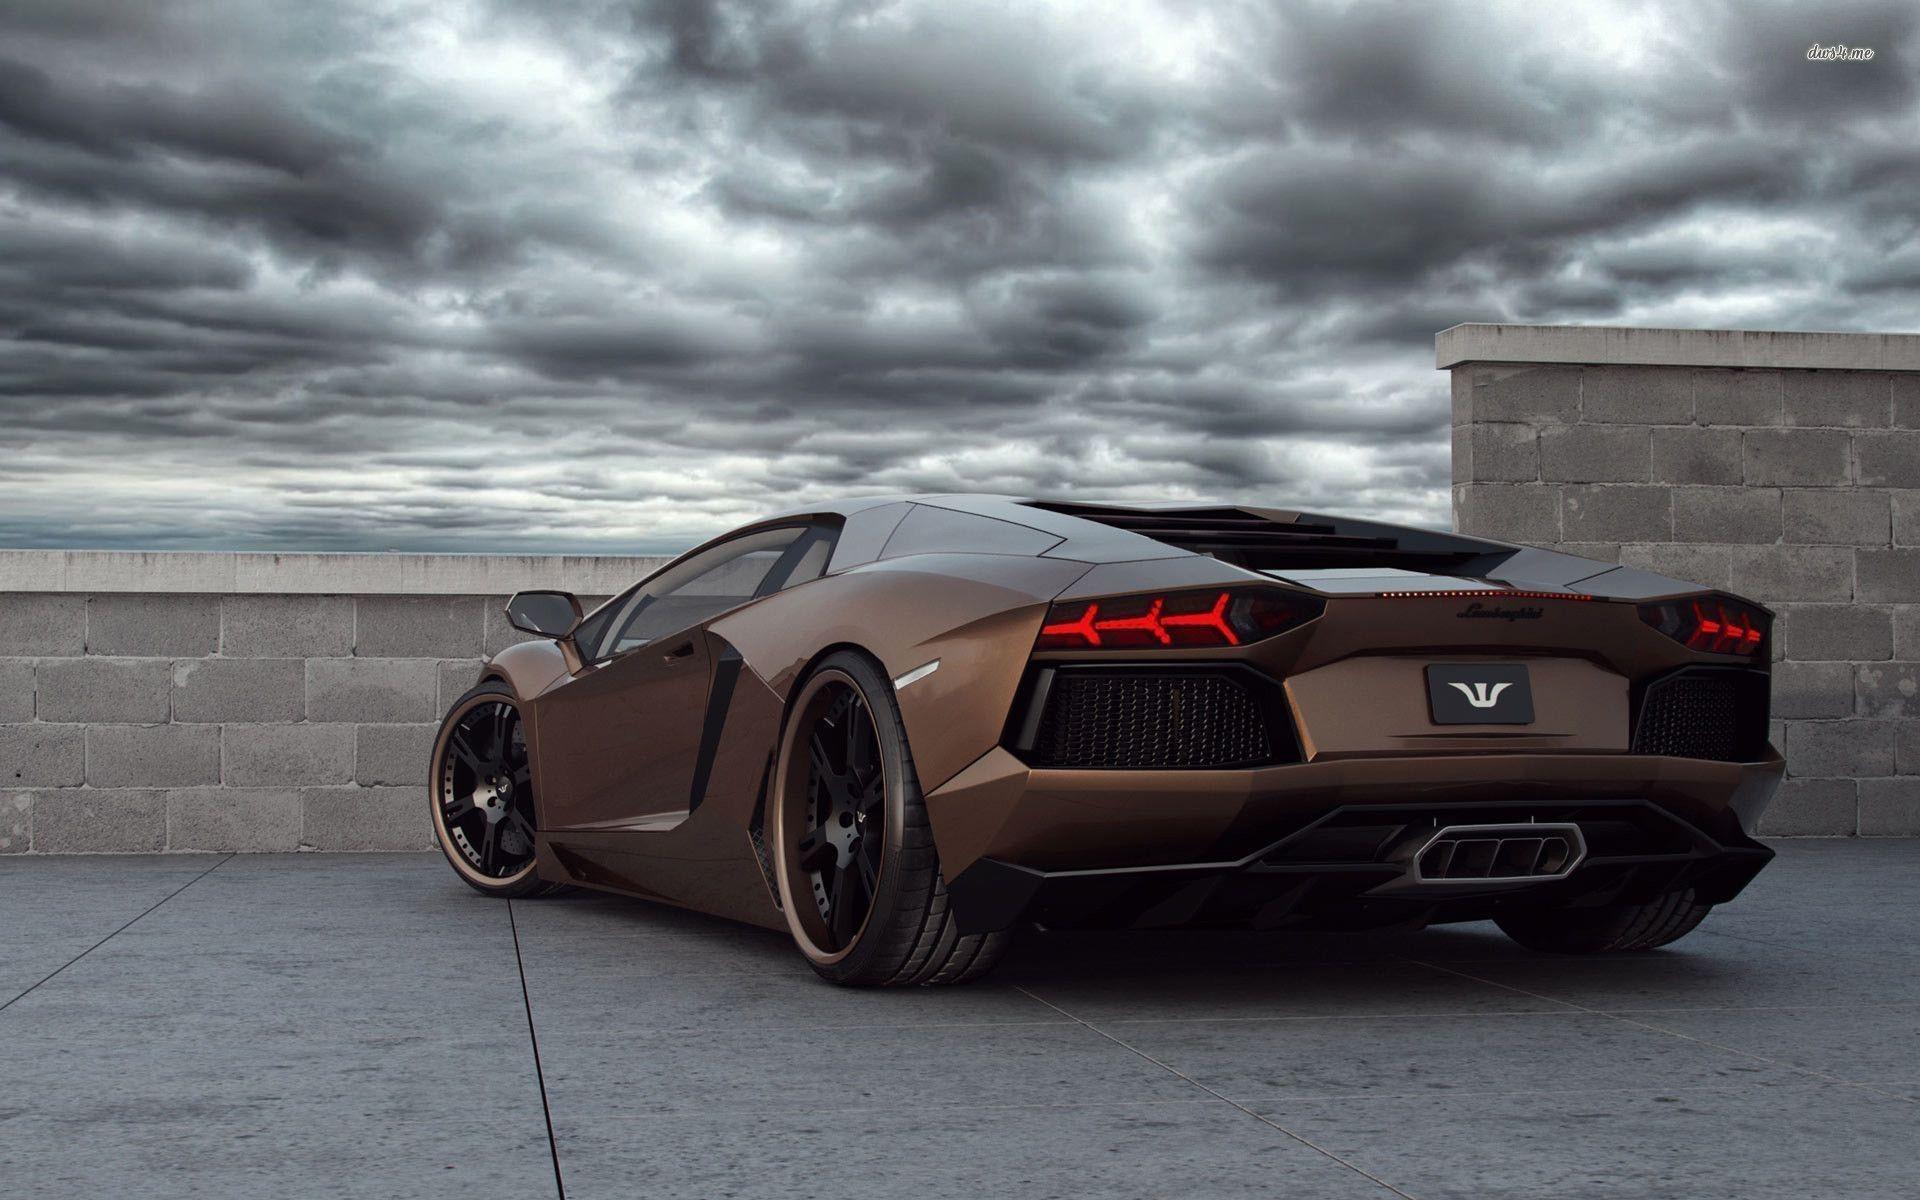 Lamborghini images